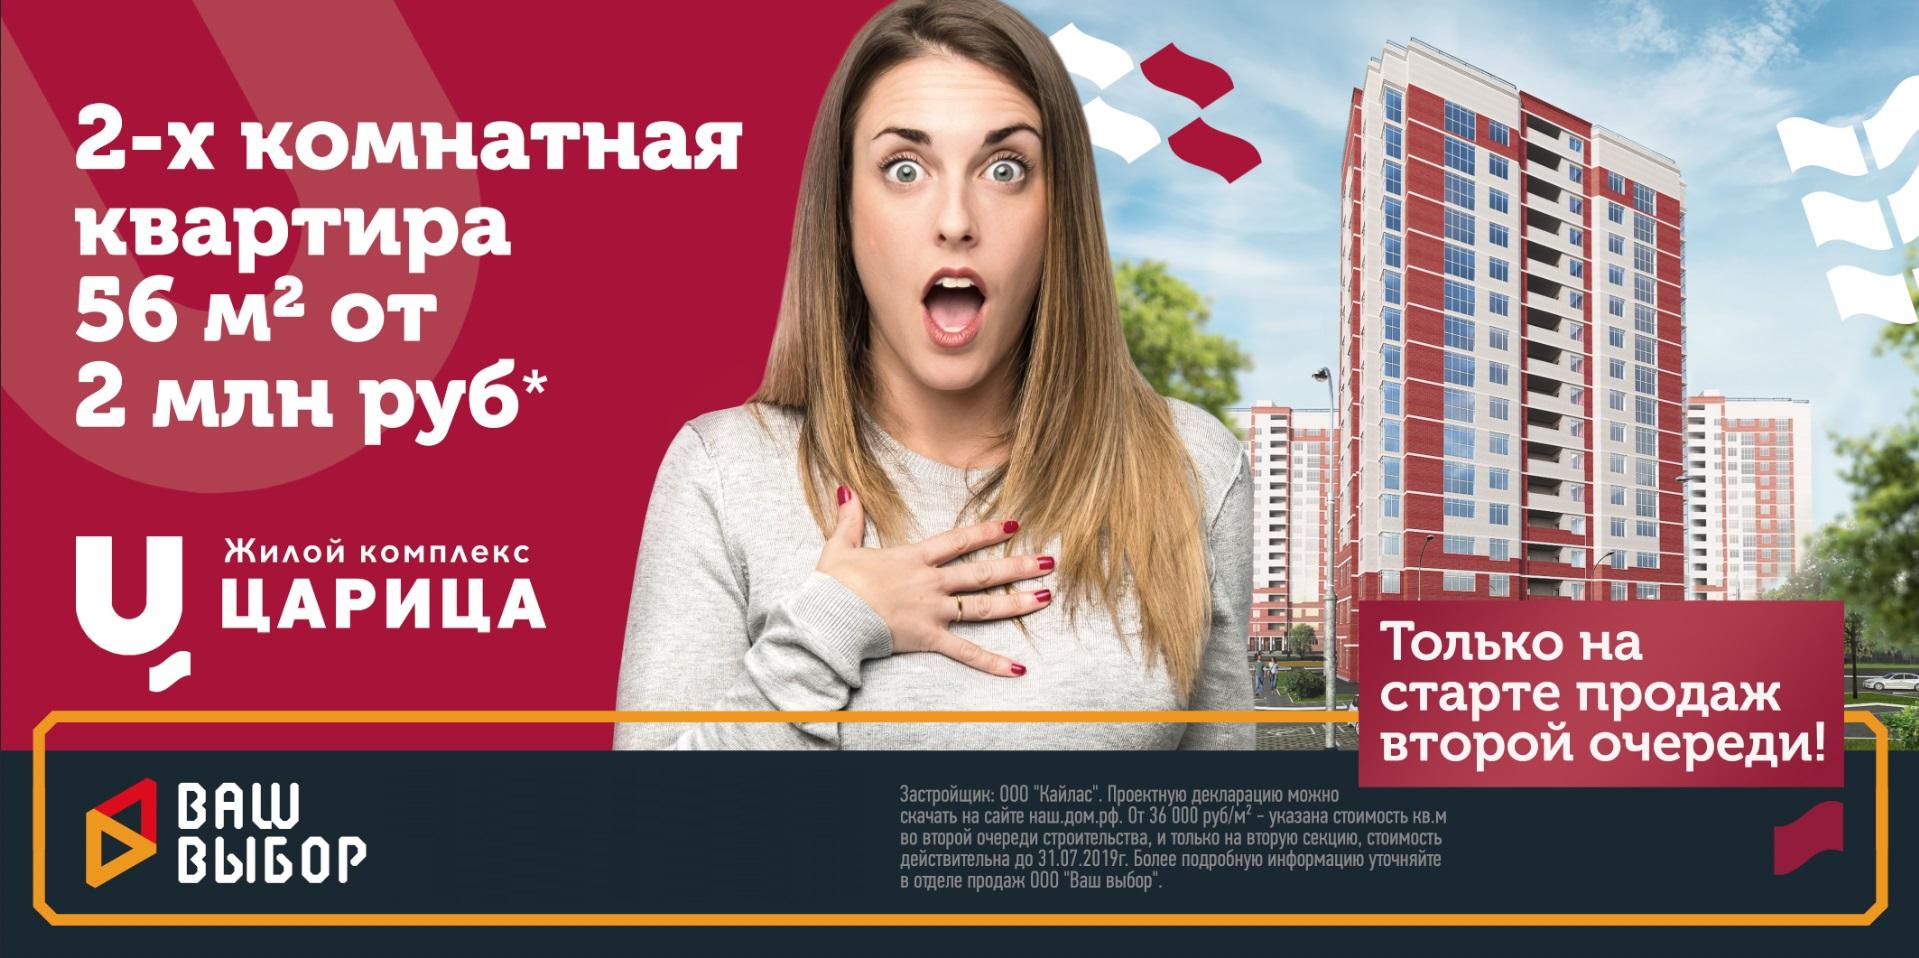 Dom.ria – как правильно выбрать и купить квартиру в новостройке 2020